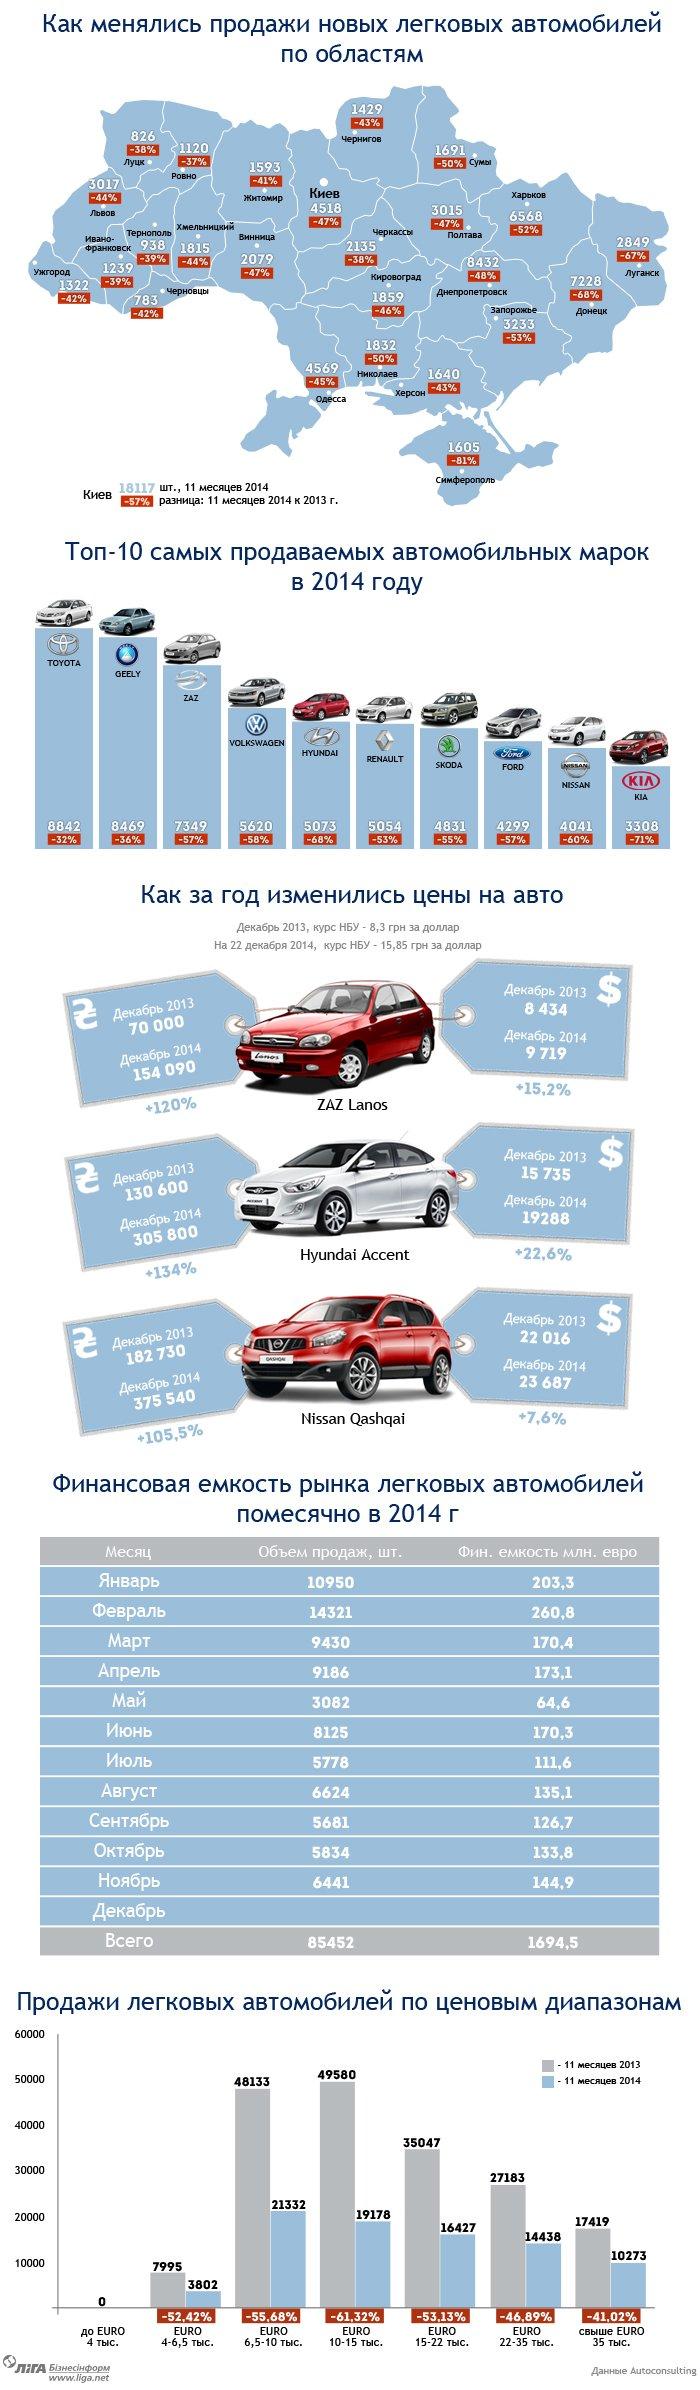 Итоги года: продажа авто на Херсонщине упала на 43% (фото) - фото 1